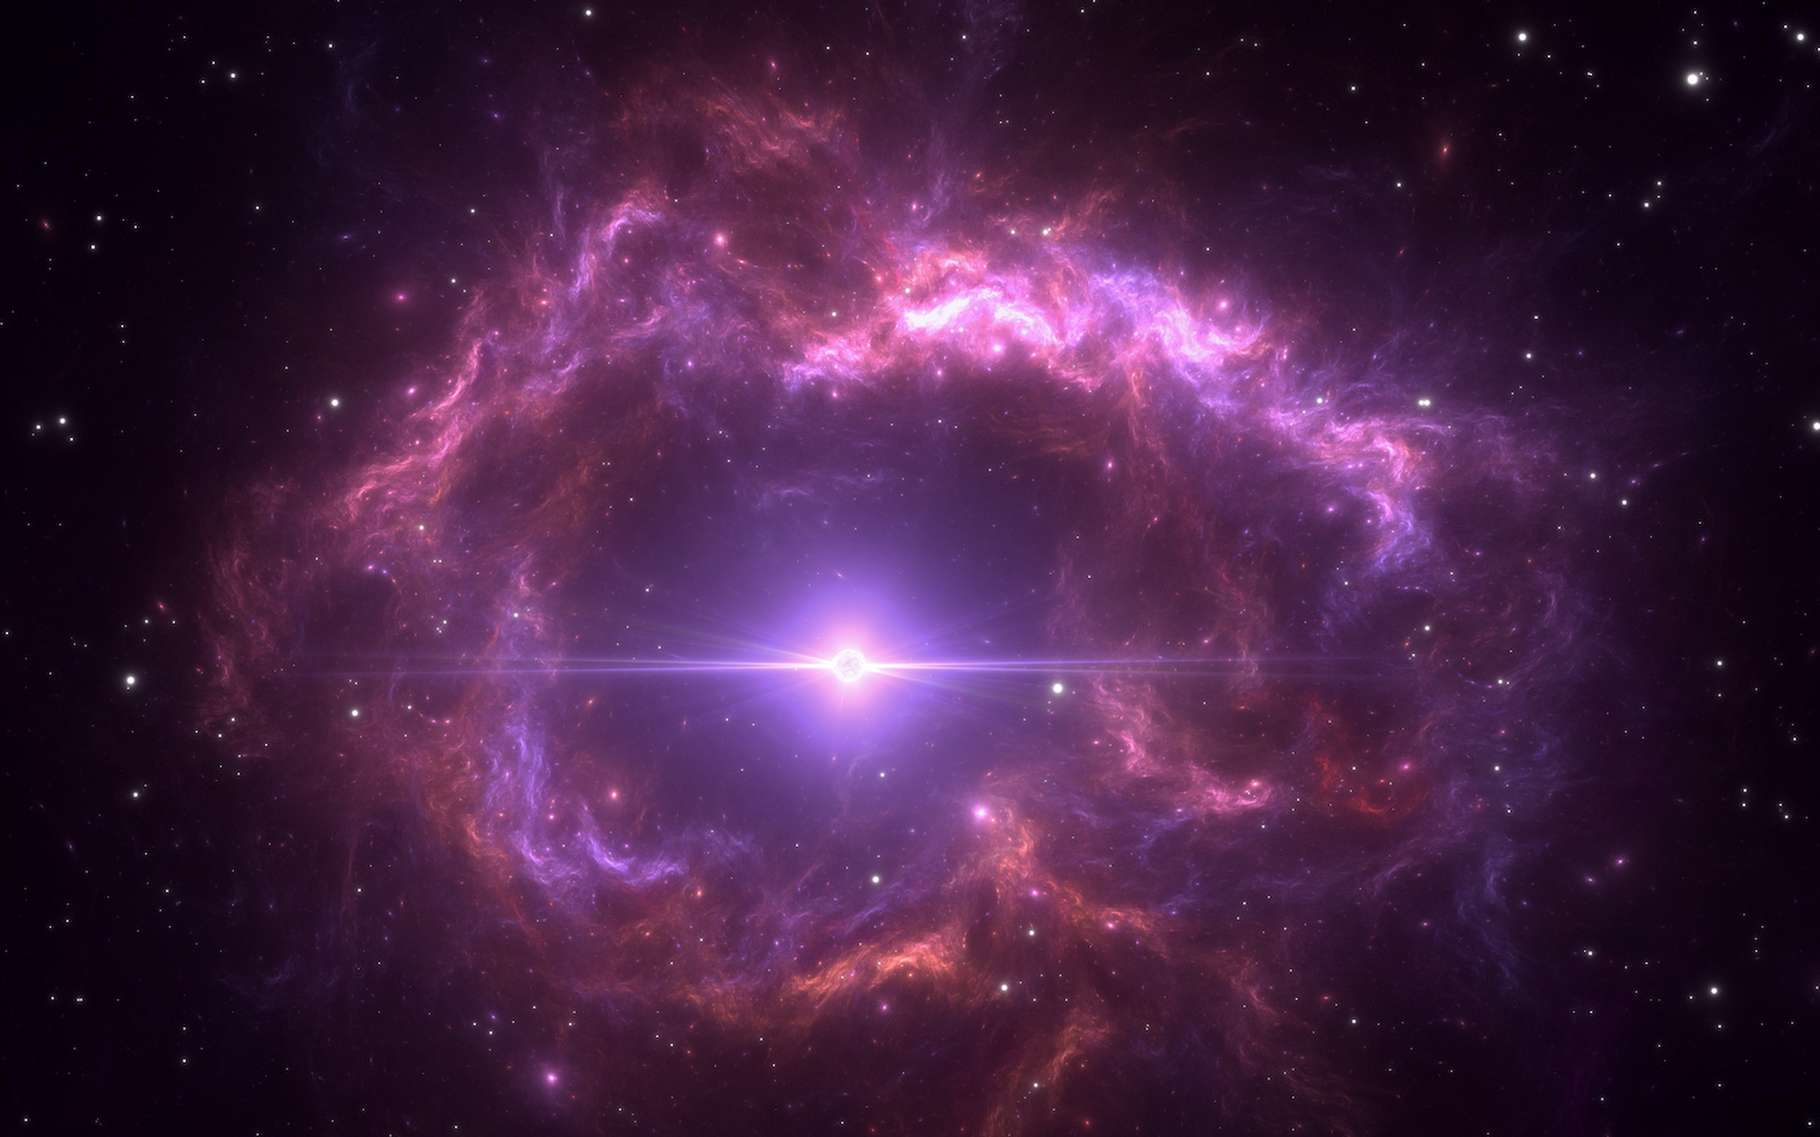 Lorsqu'elles s'éteignent, les naines blanches projettent dans l'univers, du carbone synthétisé en leur cœur. C'est la conclusion d'une étude menée par des chercheurs de l'université de Californie à Santa Cruz (États-Unis) sur des amas d'étoiles ouverts anciens. © Peter Jurik, Adobe Stock